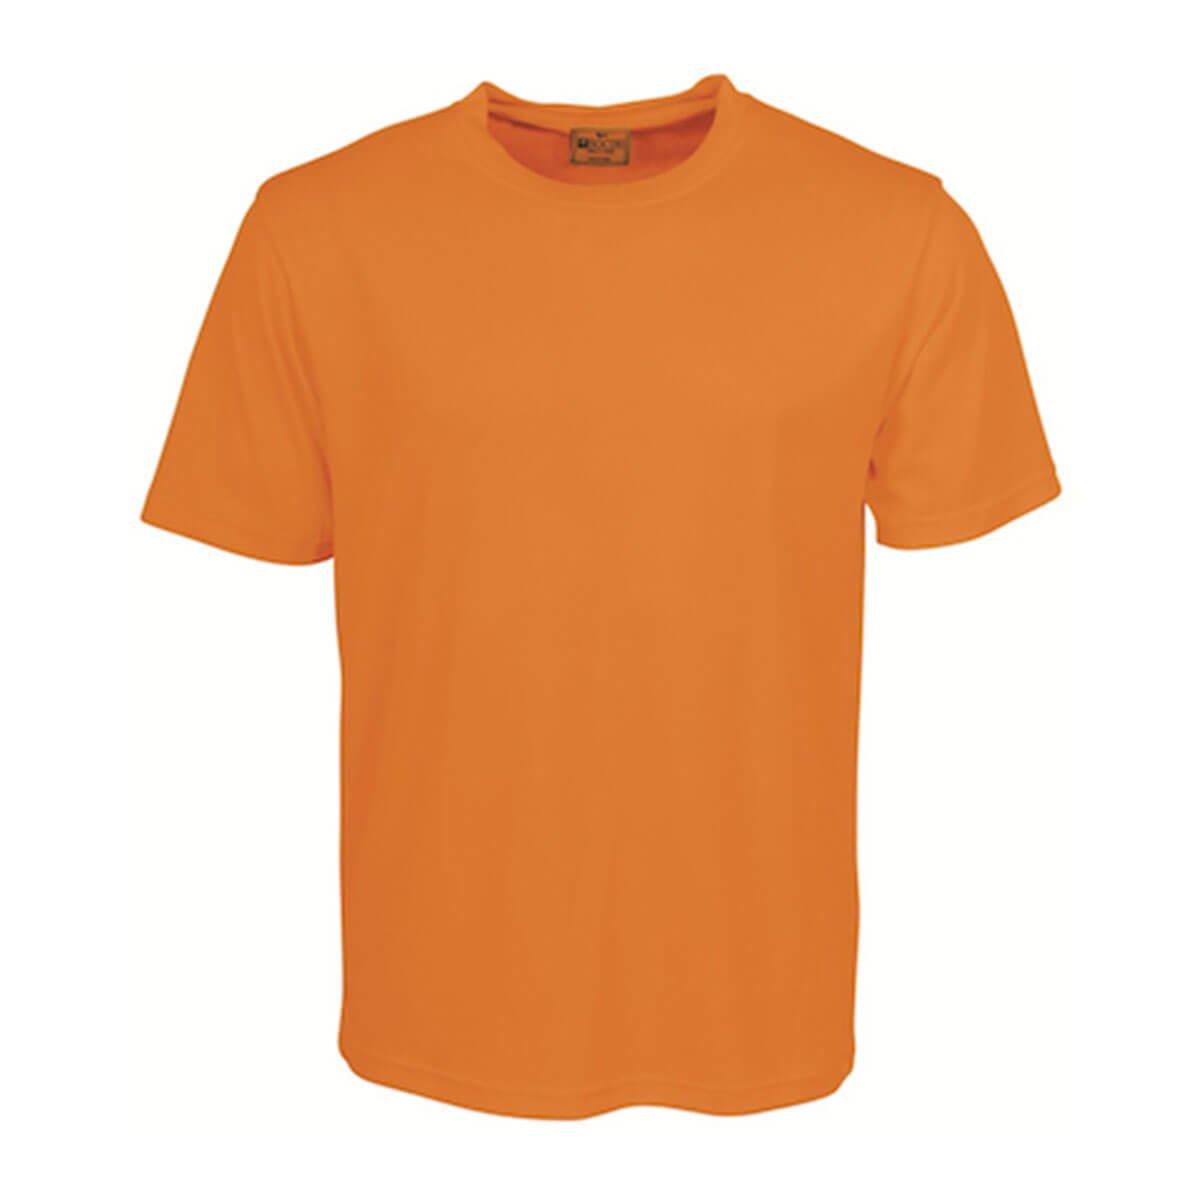 HI-VIS KIDS ROUND NECK TEE SHIRT-Orange